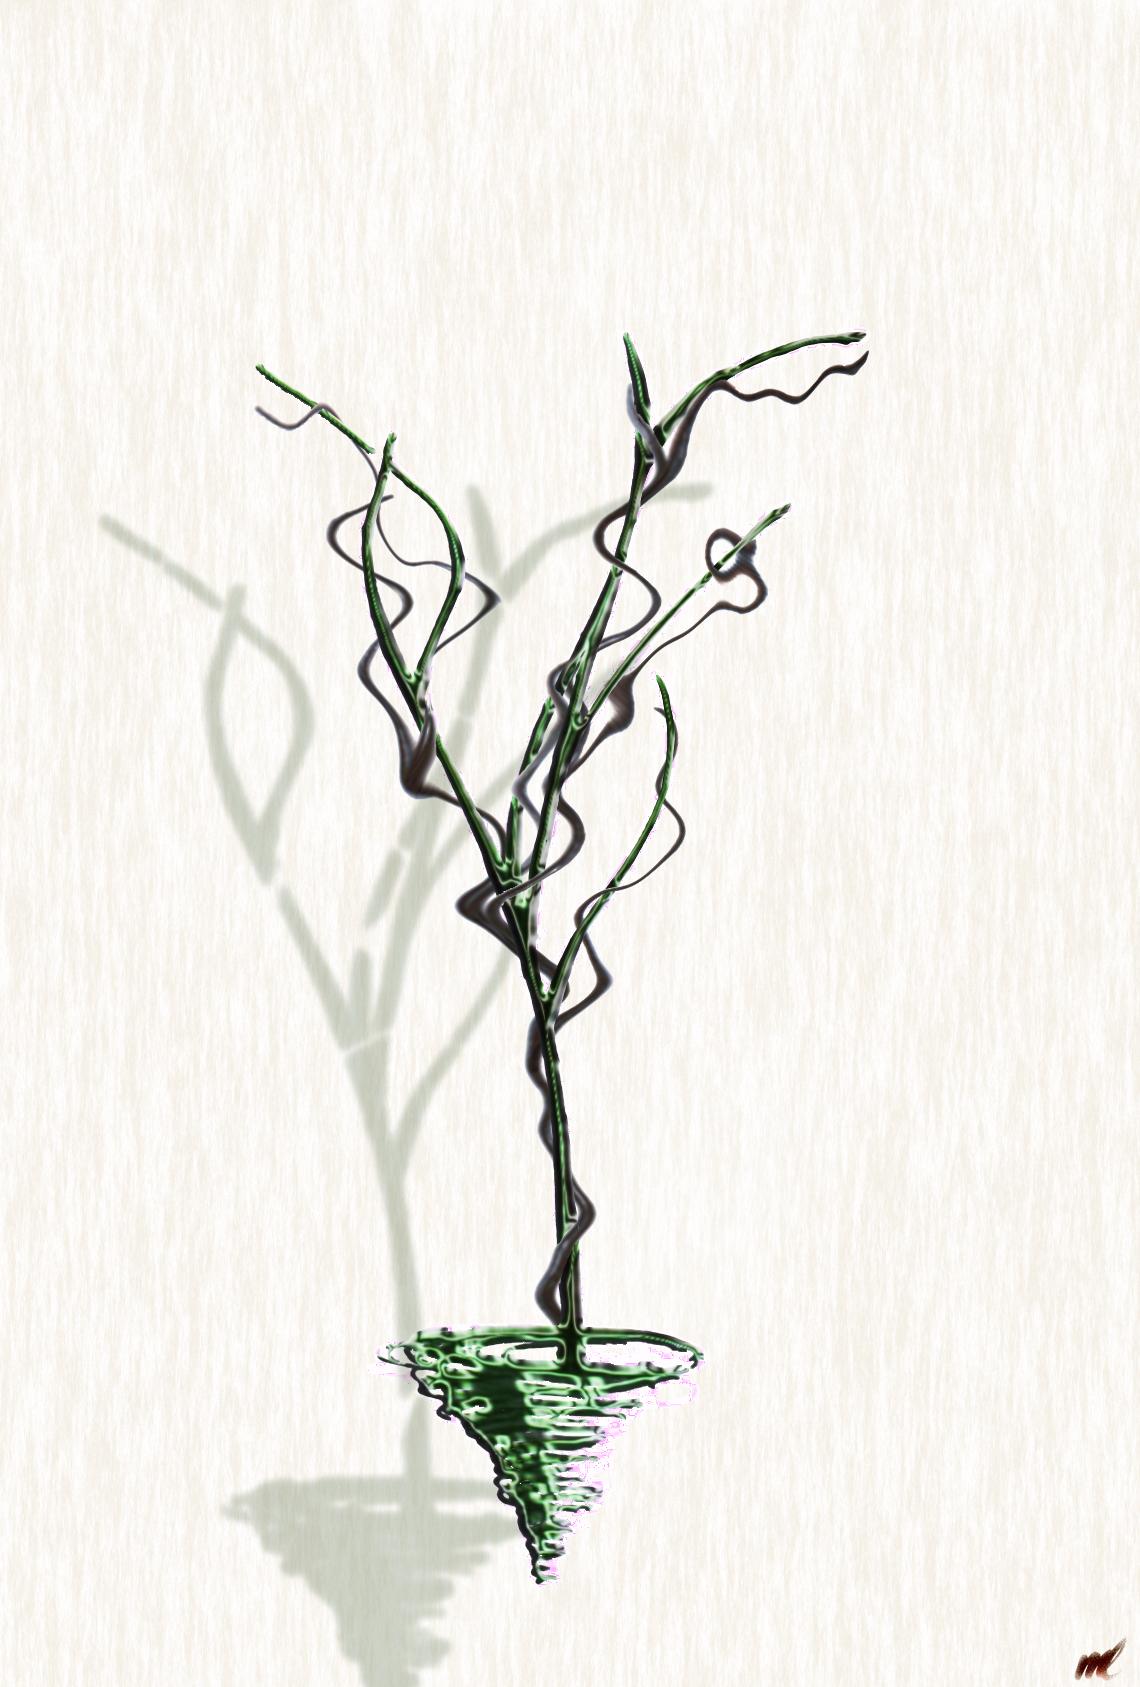 Le huitième arbre